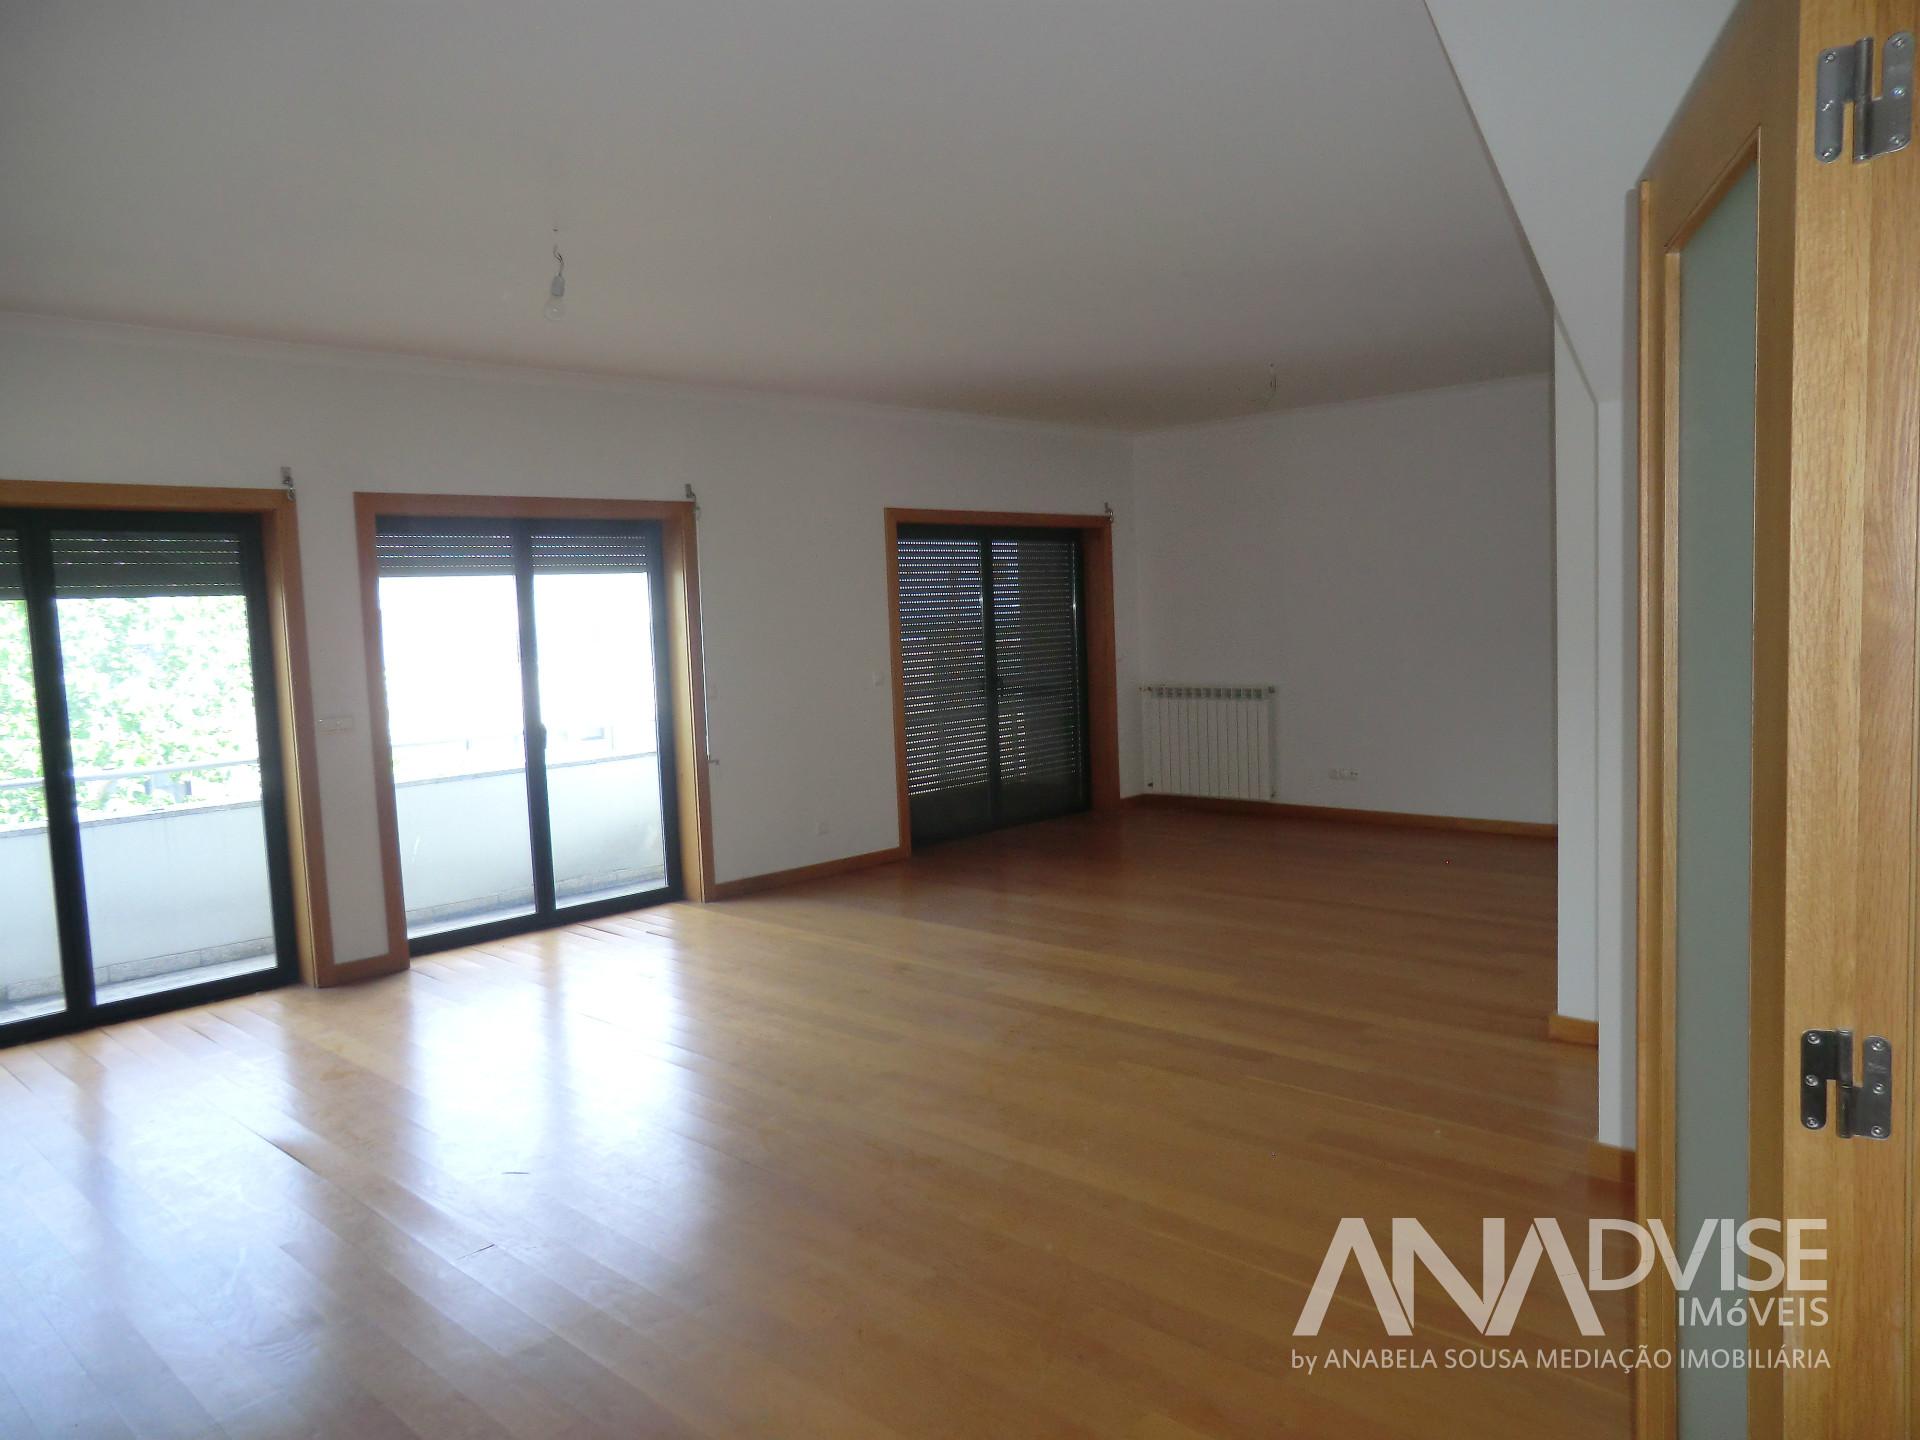 Apartamento T2+3, Viseu, Viseu